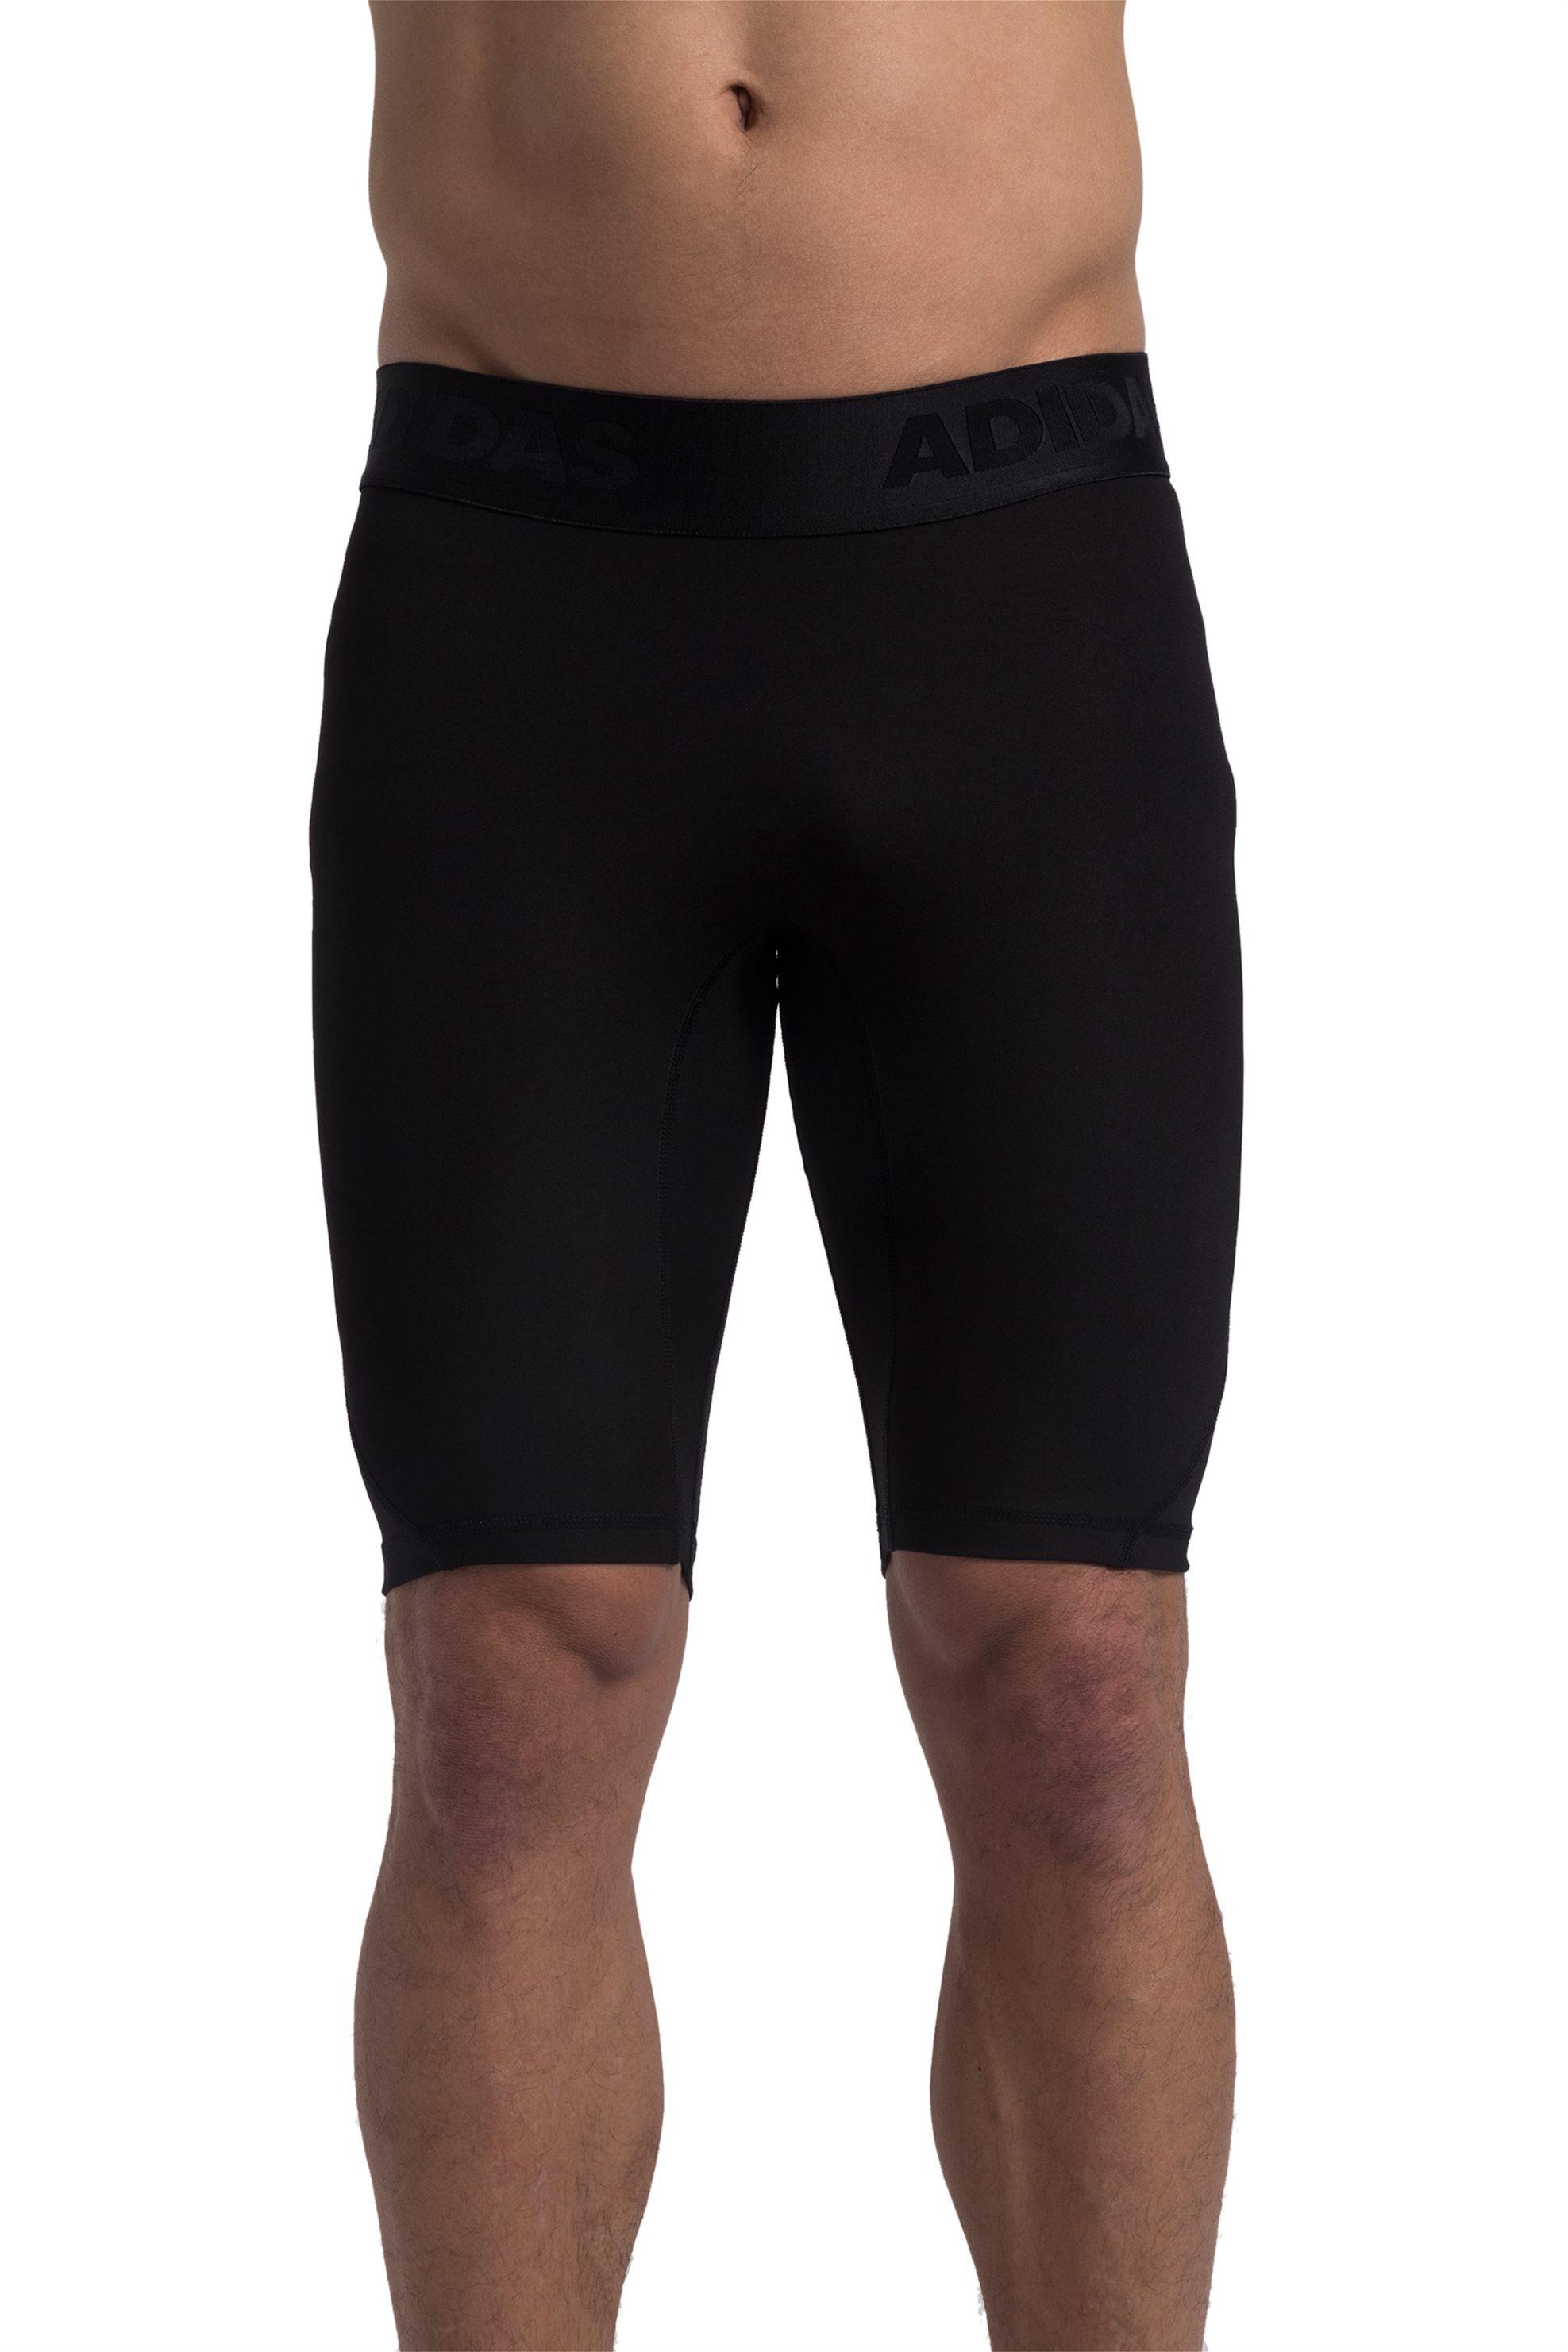 Ανδρικό μαύρο σορτς Alphaskin sport Adidas - CF7299 - Μαύρο ανδρασ   αθλητικα   αθλητικά ρούχα   σορτς